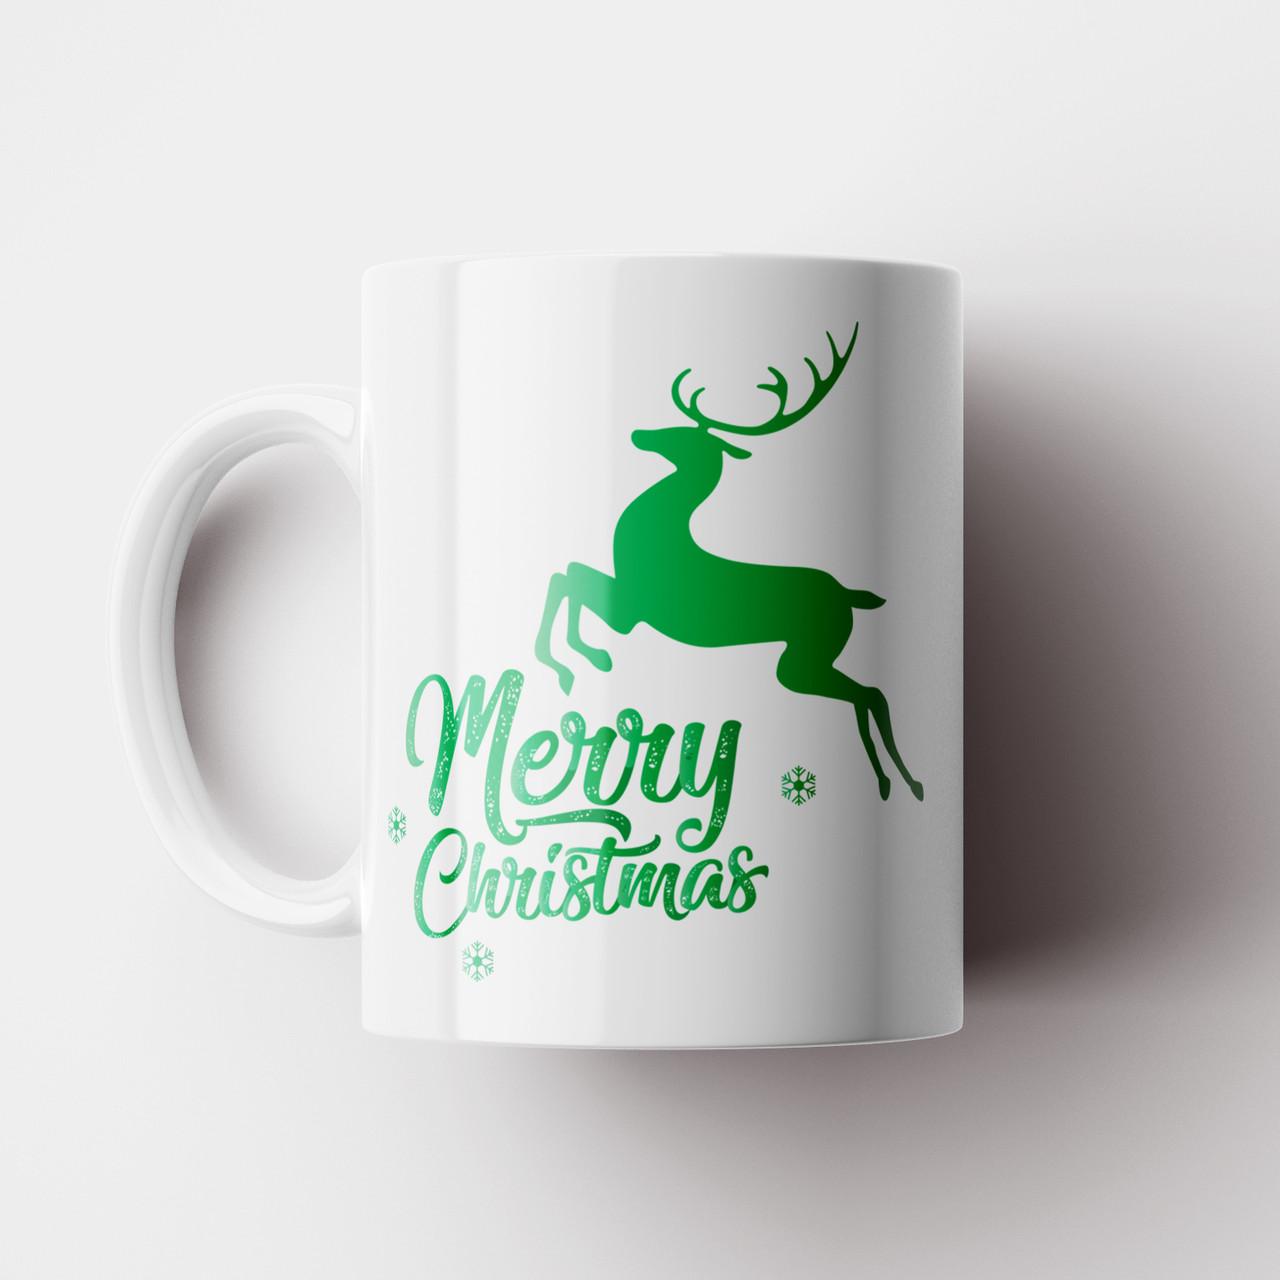 Кружка Олень Merry Christmas. Новогодняя чашка №18. Новый Год